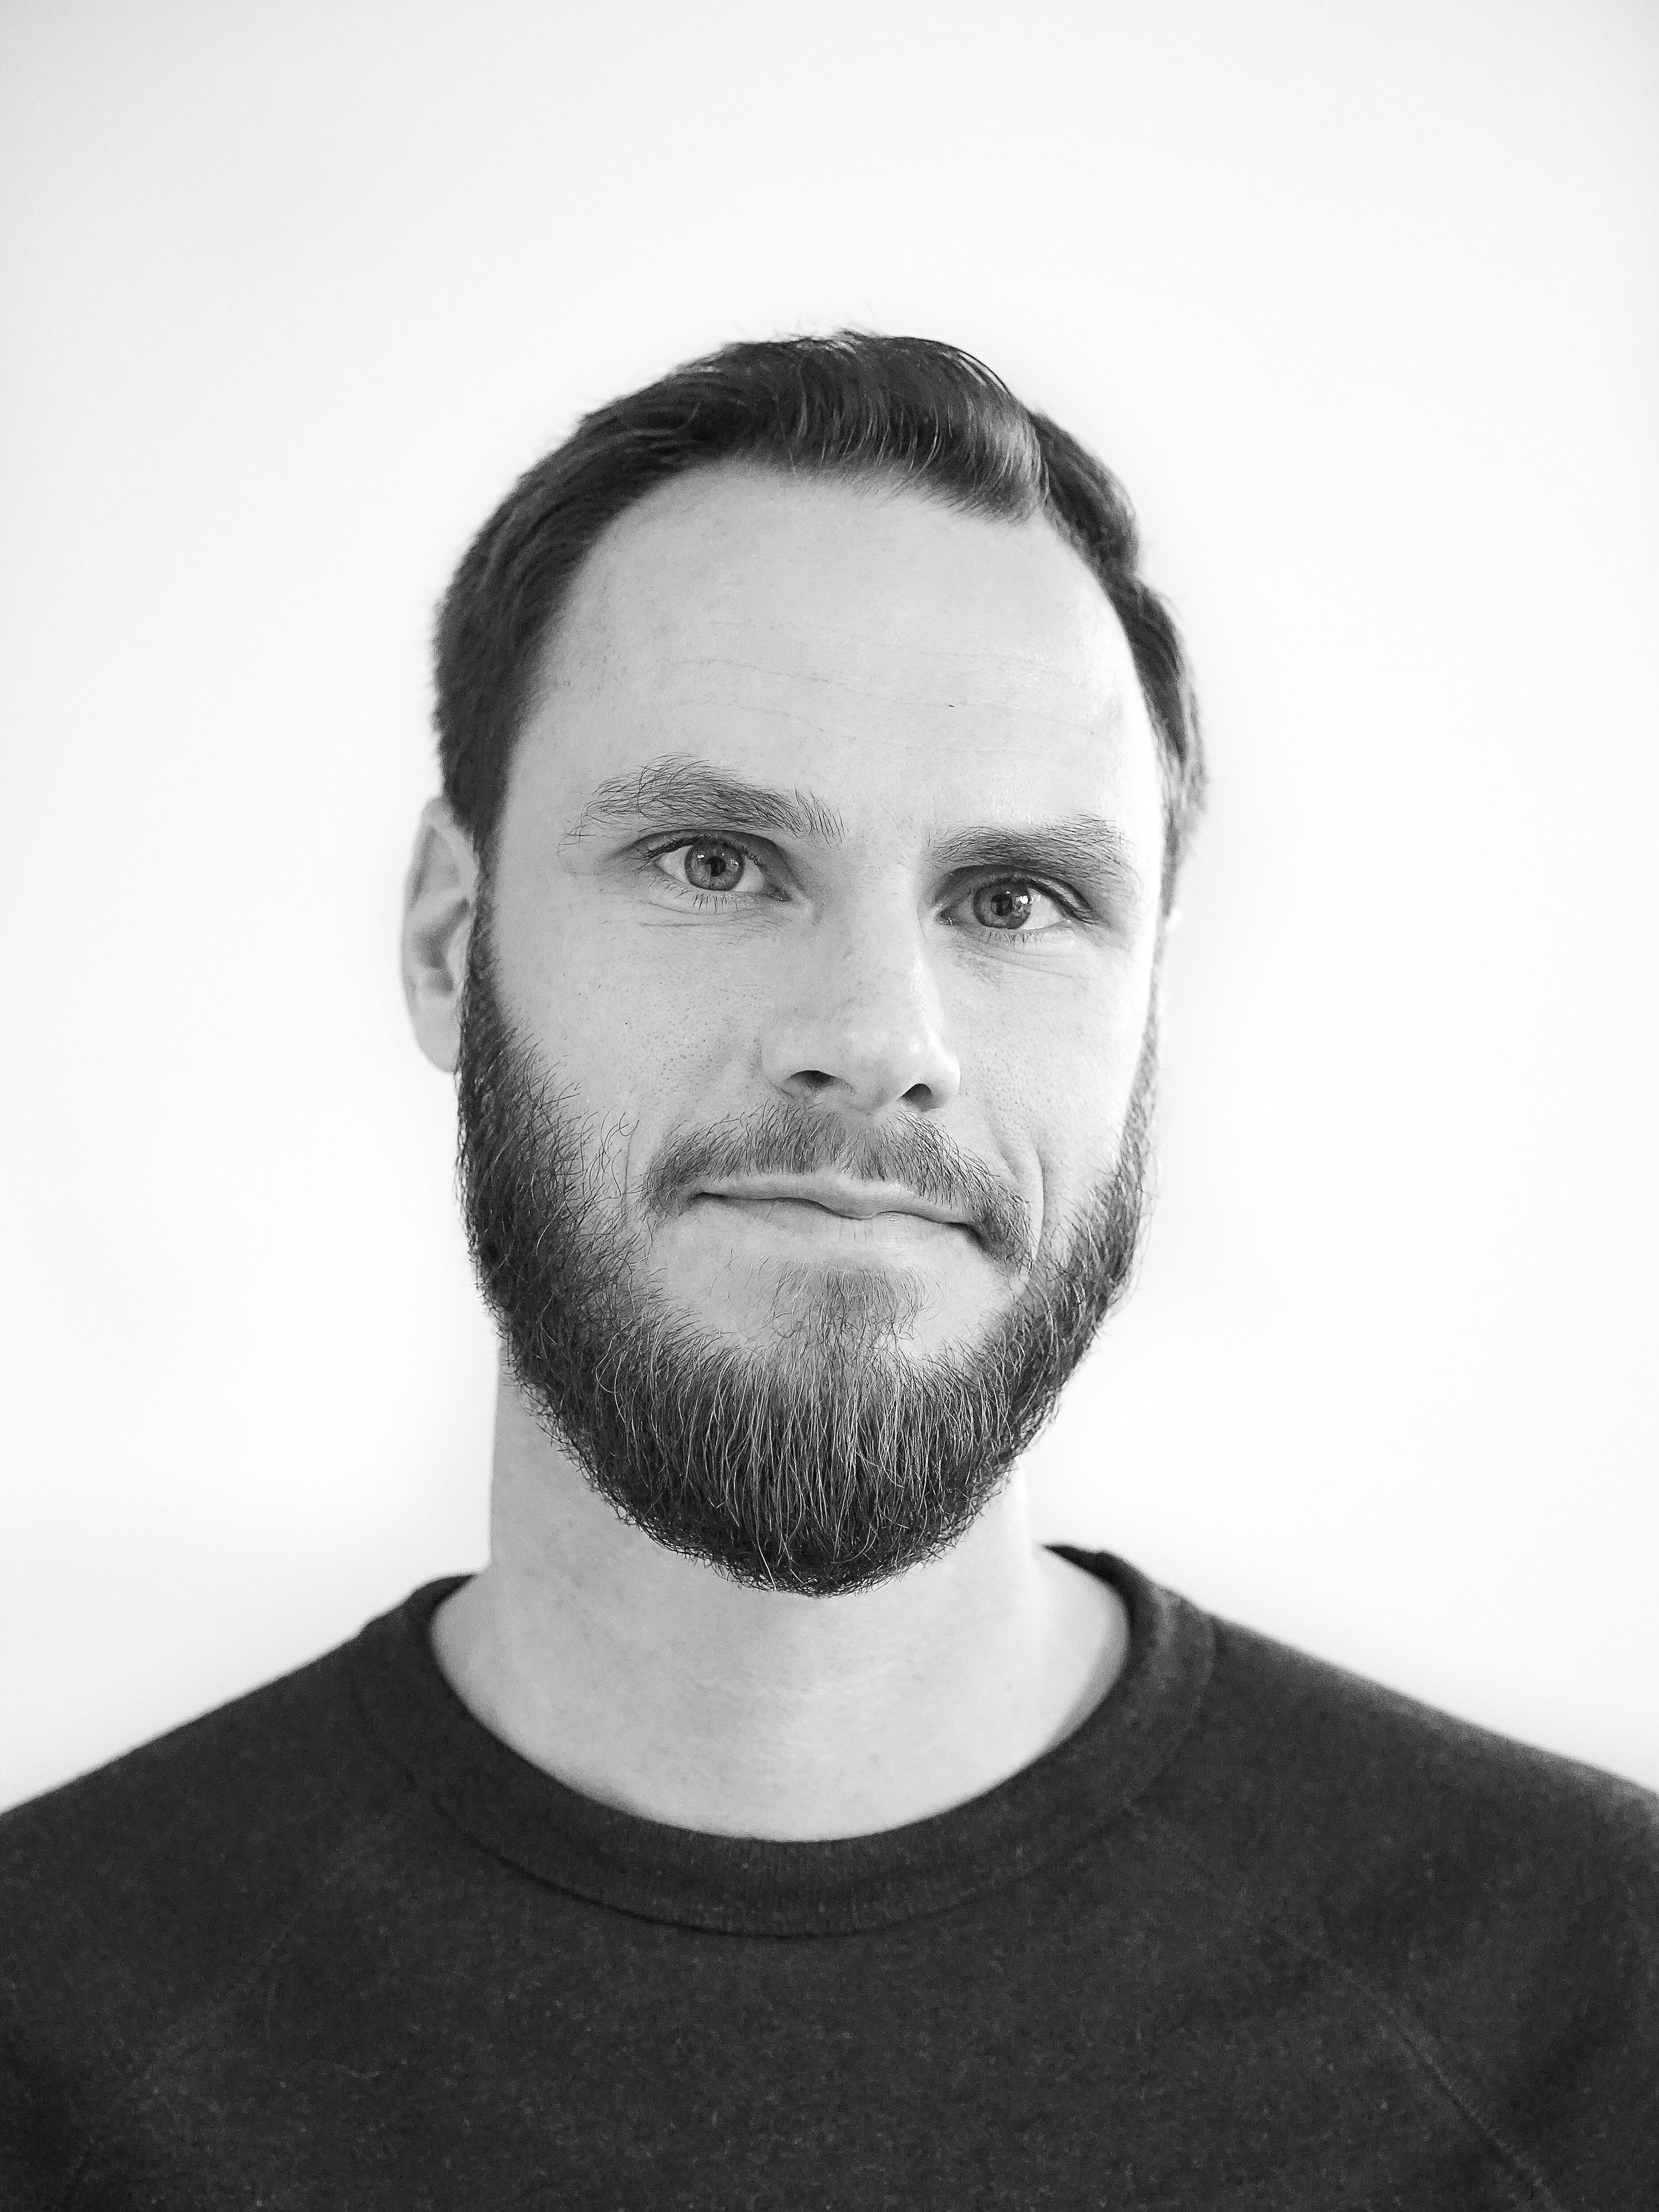 Aaron VanSchyndel